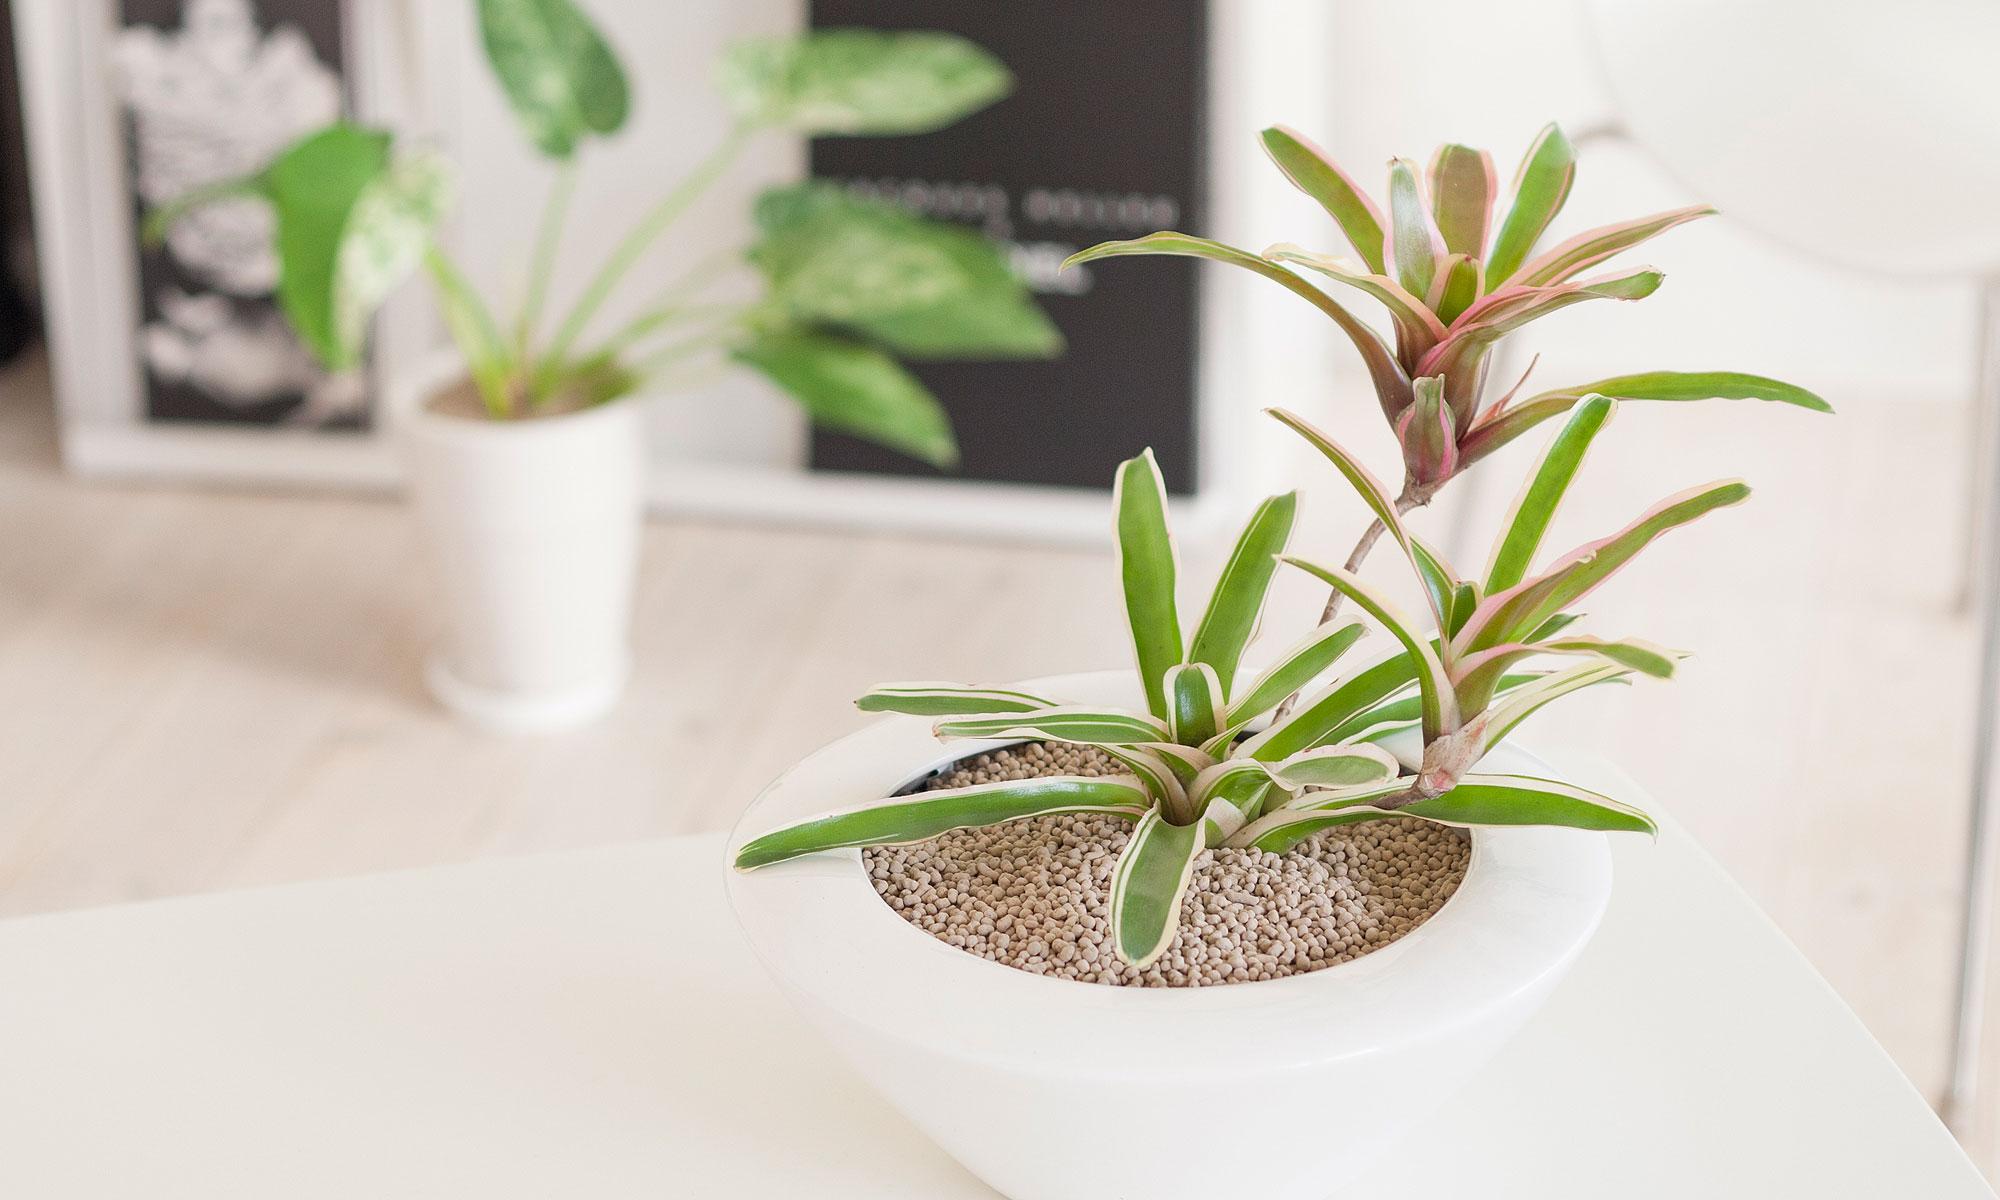 チャコボール|観葉植物などに最適な室内でご利用いただける新しい園芸用土です。